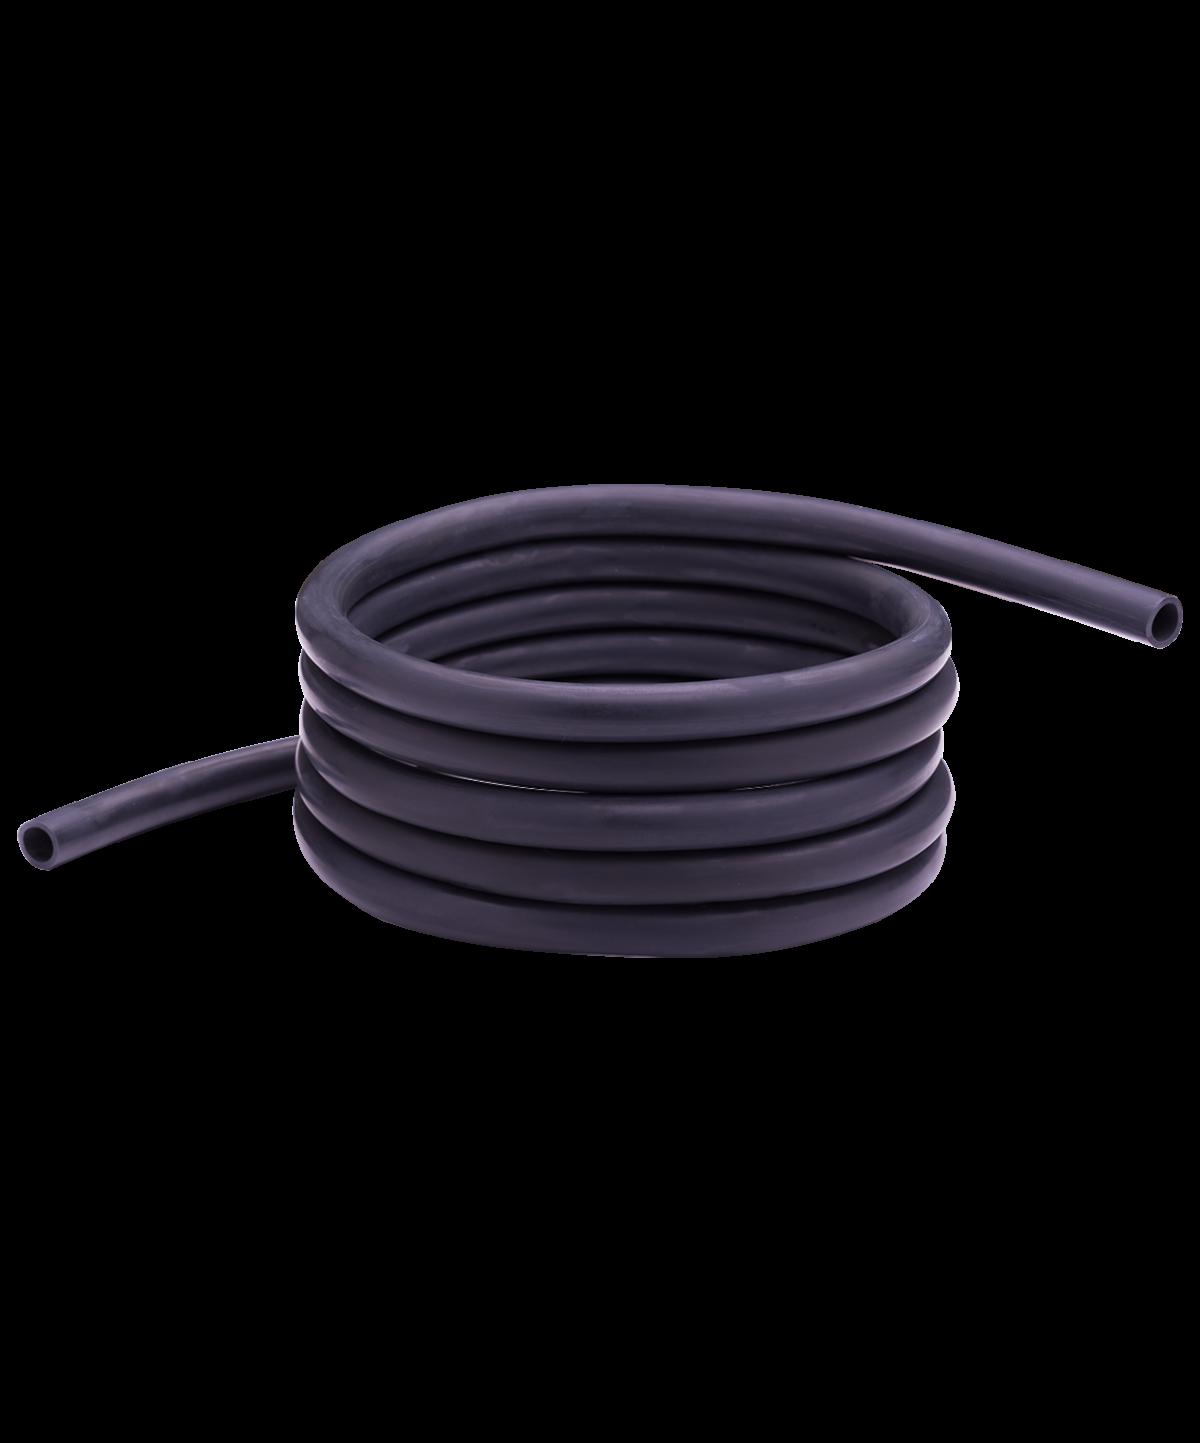 STARFIT Эспандер силовой резиновая трубка, 10-12 кг ES-608 - 1